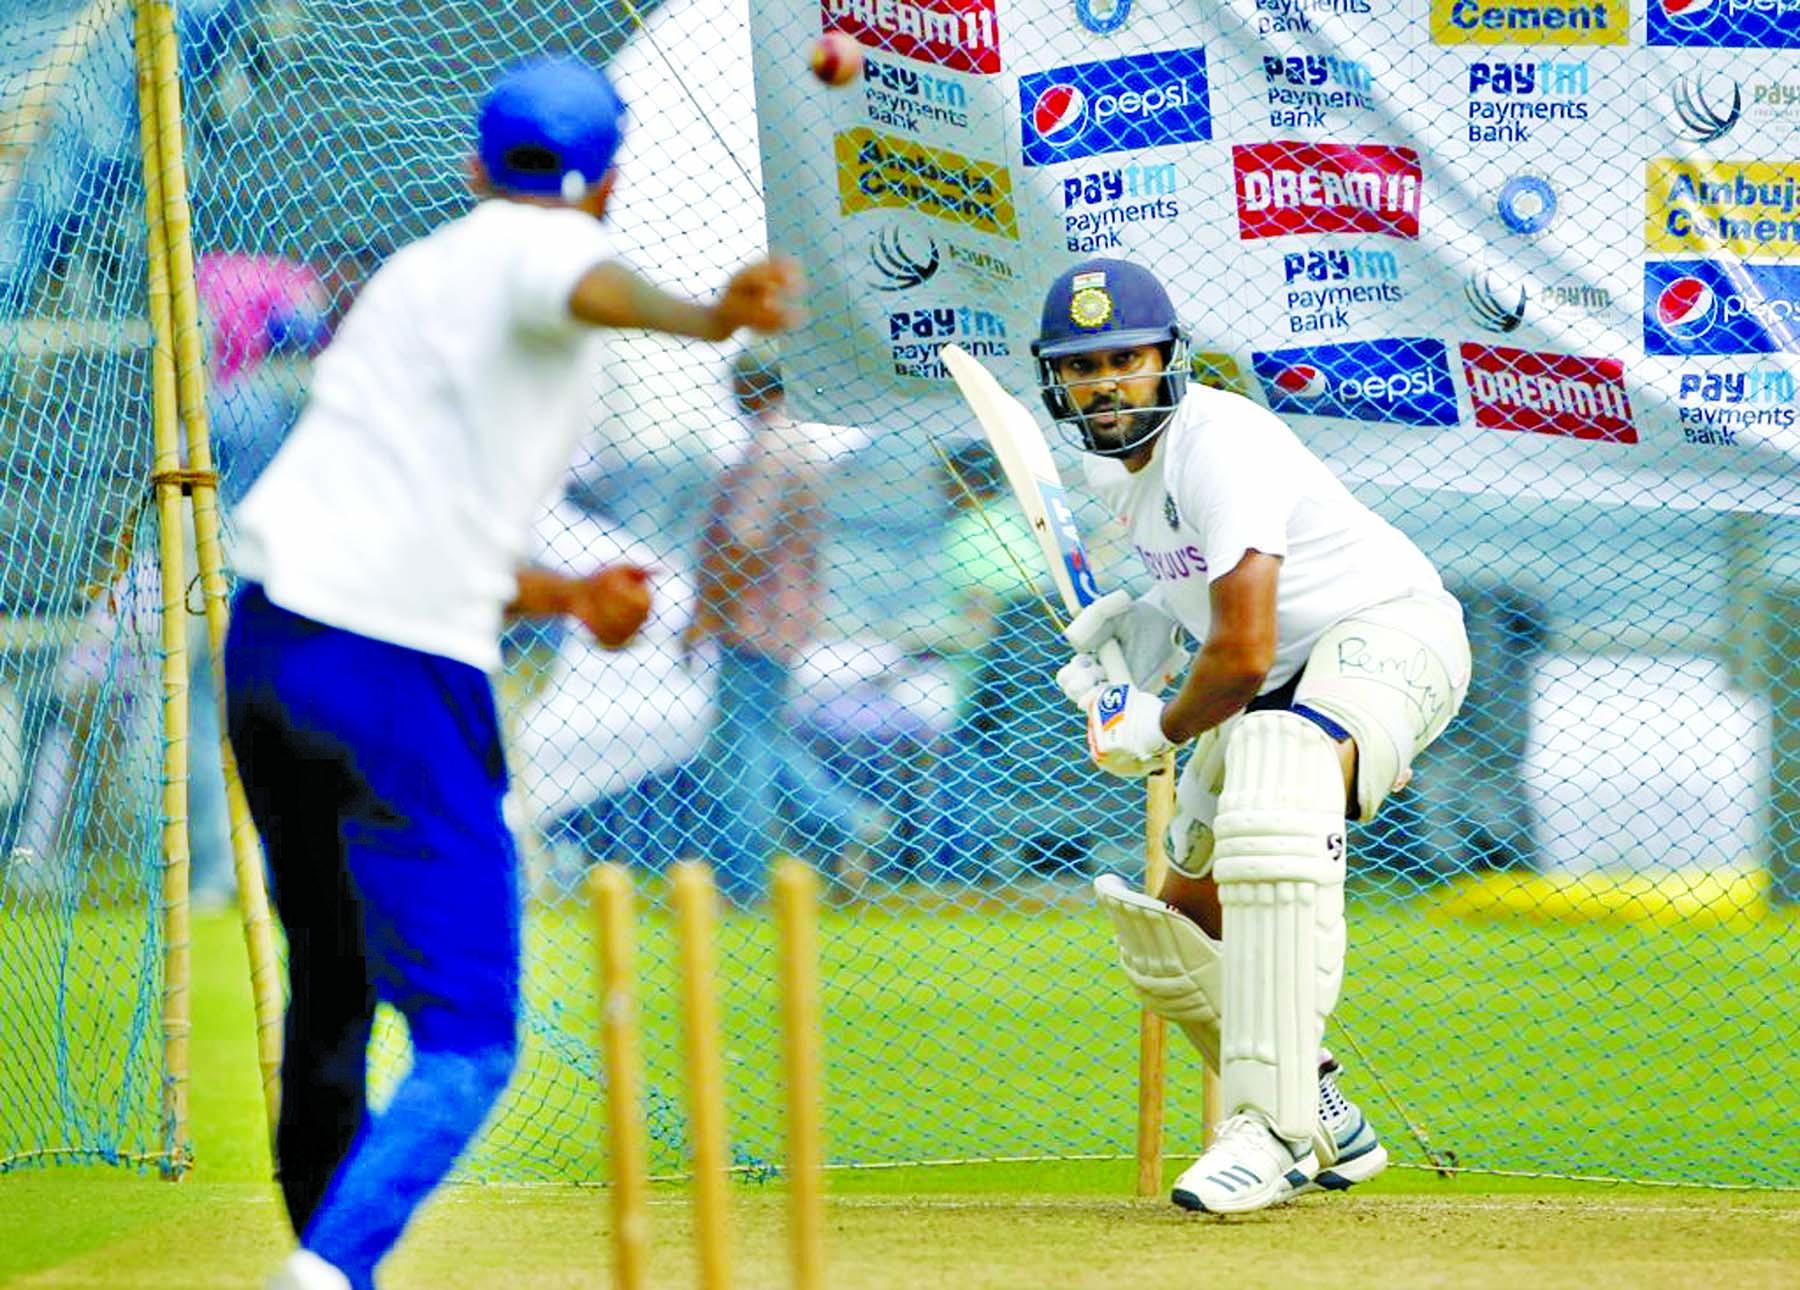 Virat Kohli's Team India eye series wrap, Proteas hope to stay afloat